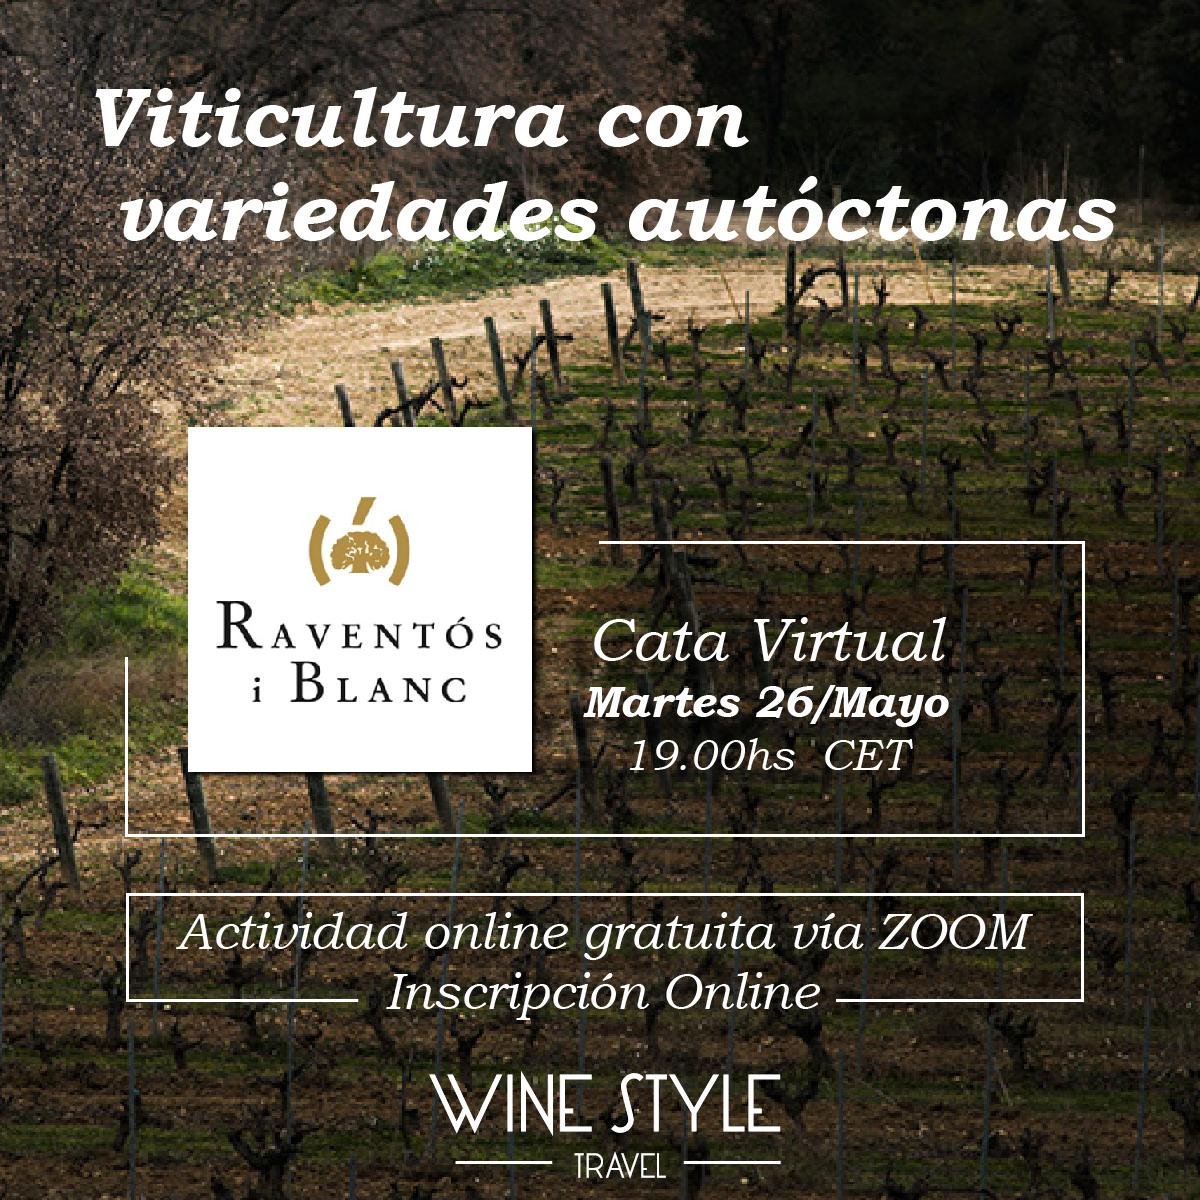 En la #CataVirtual de este martes aprenderemos la importancia de trabajar con variedades autóctonas de la mano de @RaventosiBlanc, viticultores desde 1497 en la #ConcadelRiuAnoia Inscripción: https://www.winestyletravel.com/producto/26-de-mayo-viticultura-con-variedades-autoctonas-con-raventos-i-blanc/…pic.twitter.com/wPO6r1OGWS